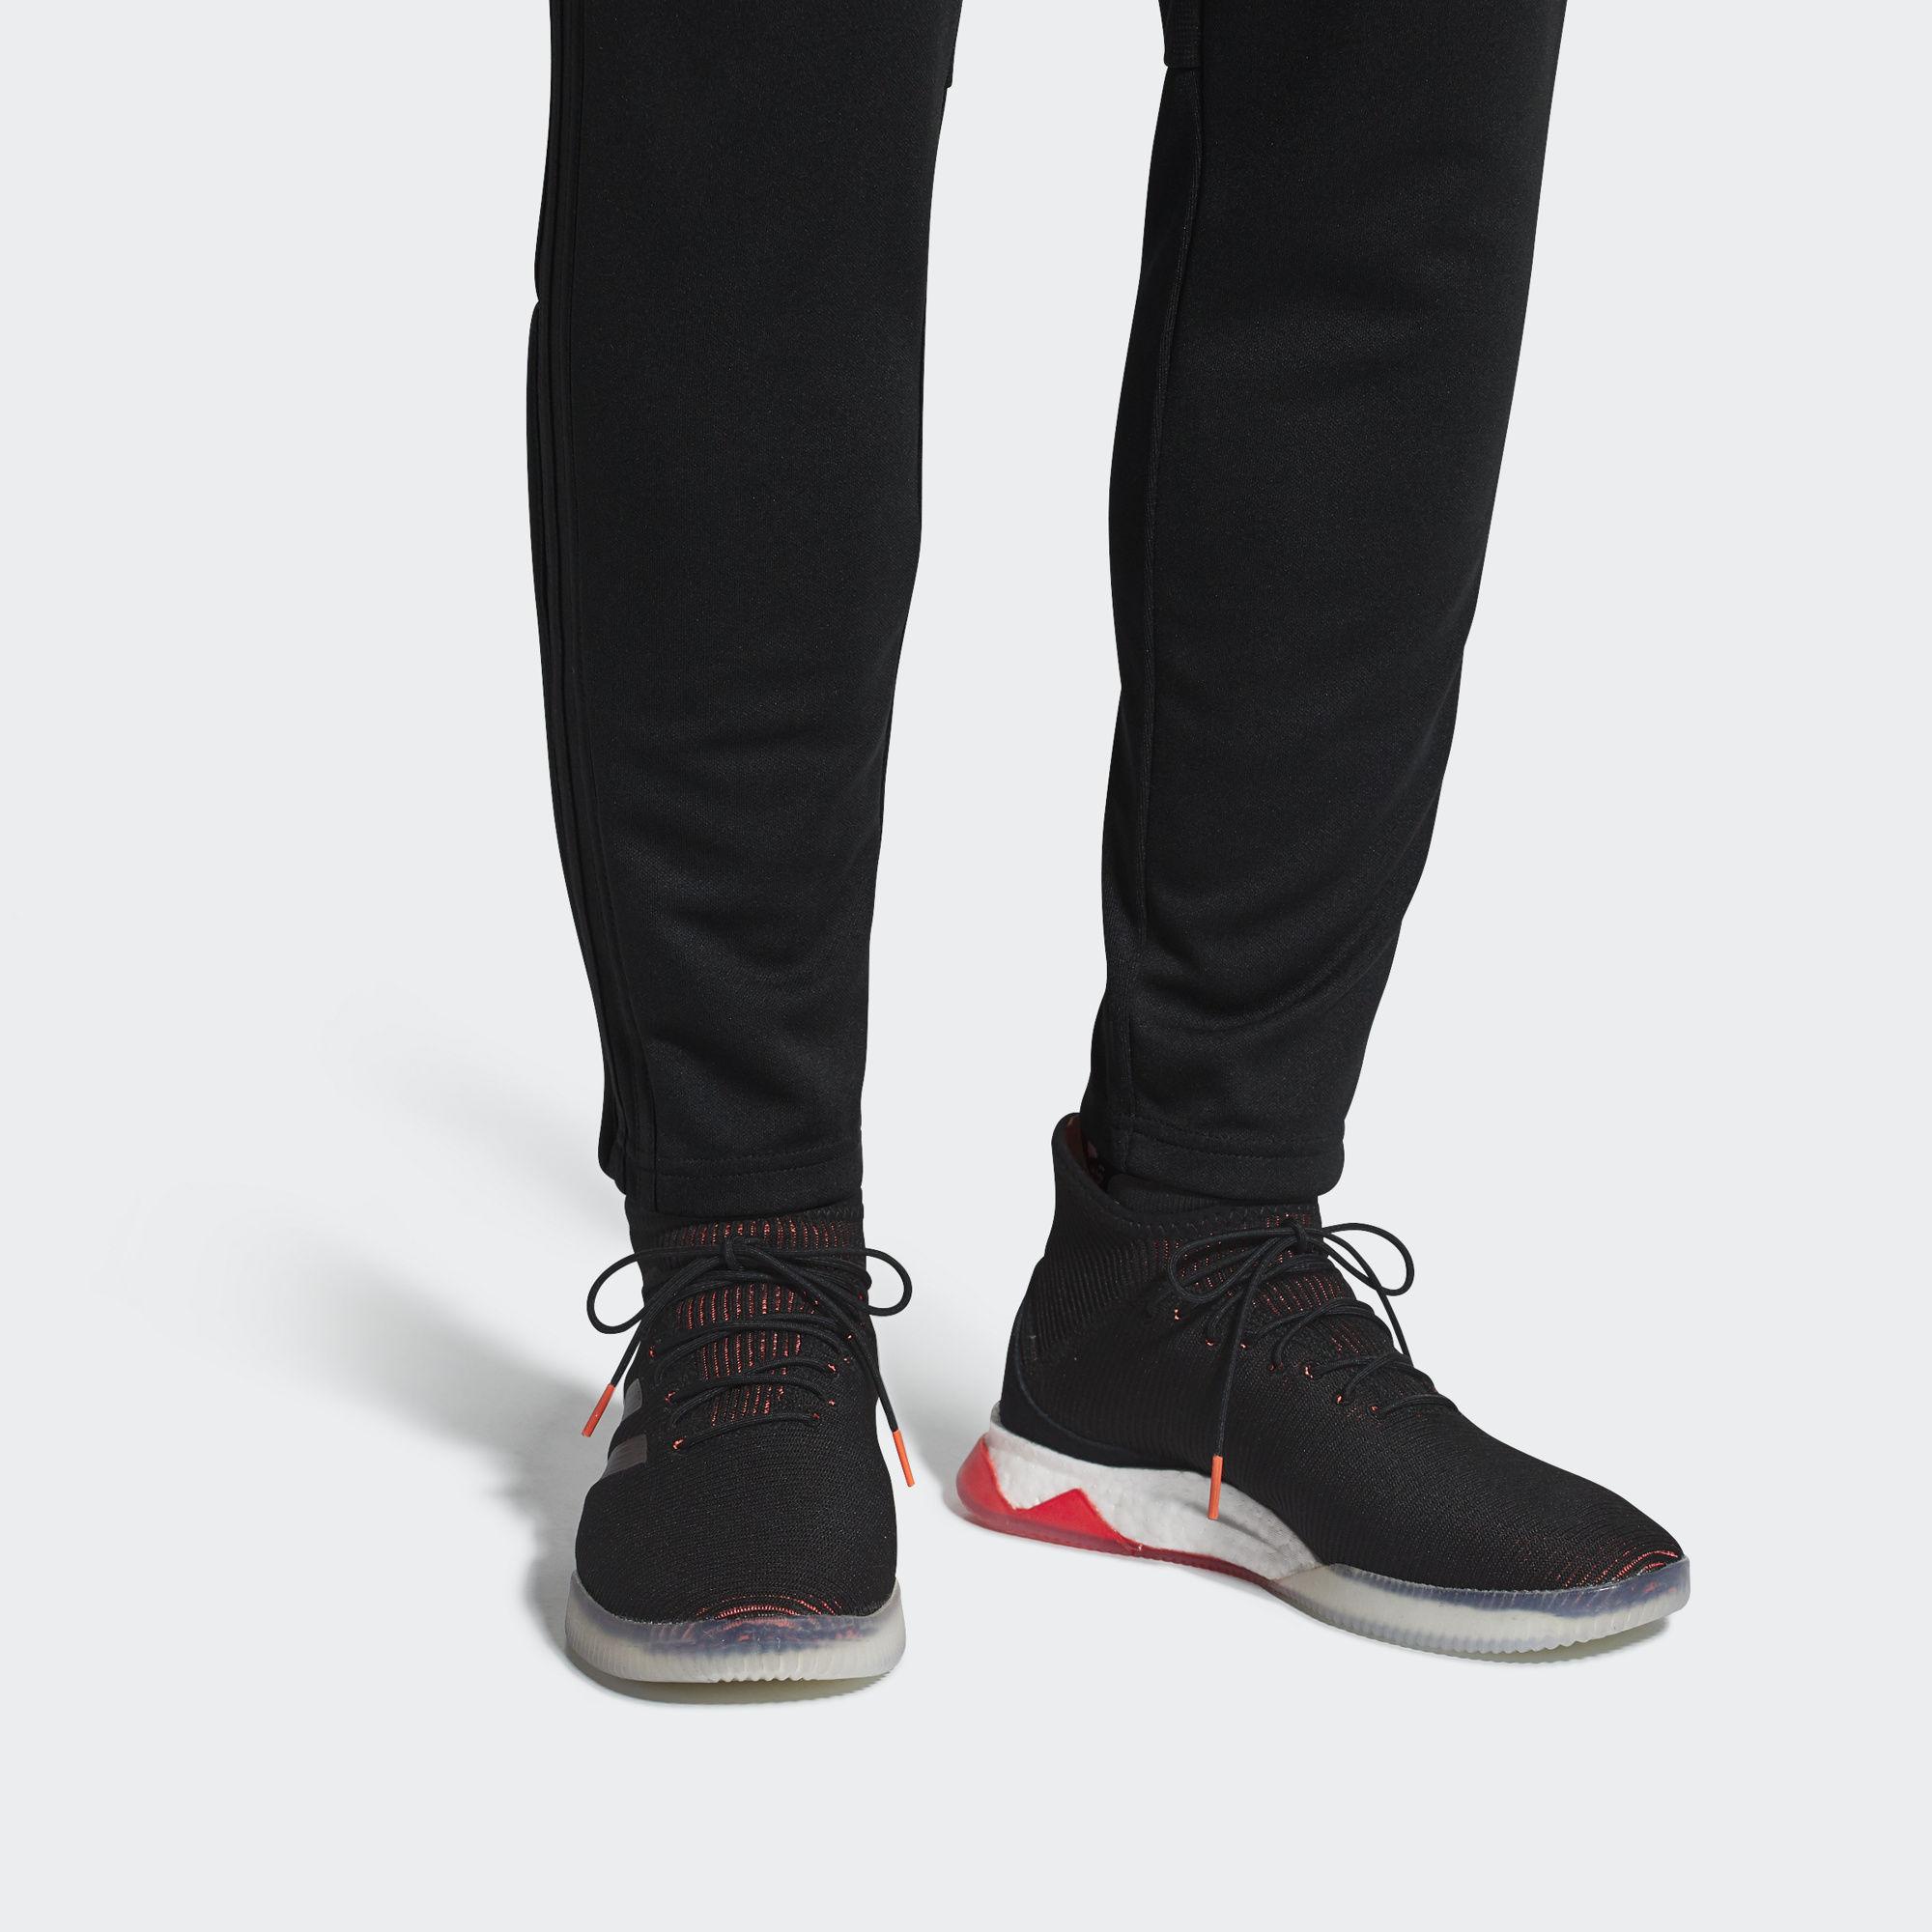 Футбольные кроссовки Predator Tango 18.1 M CP9268 adidas Performance ... 5450d36033d14